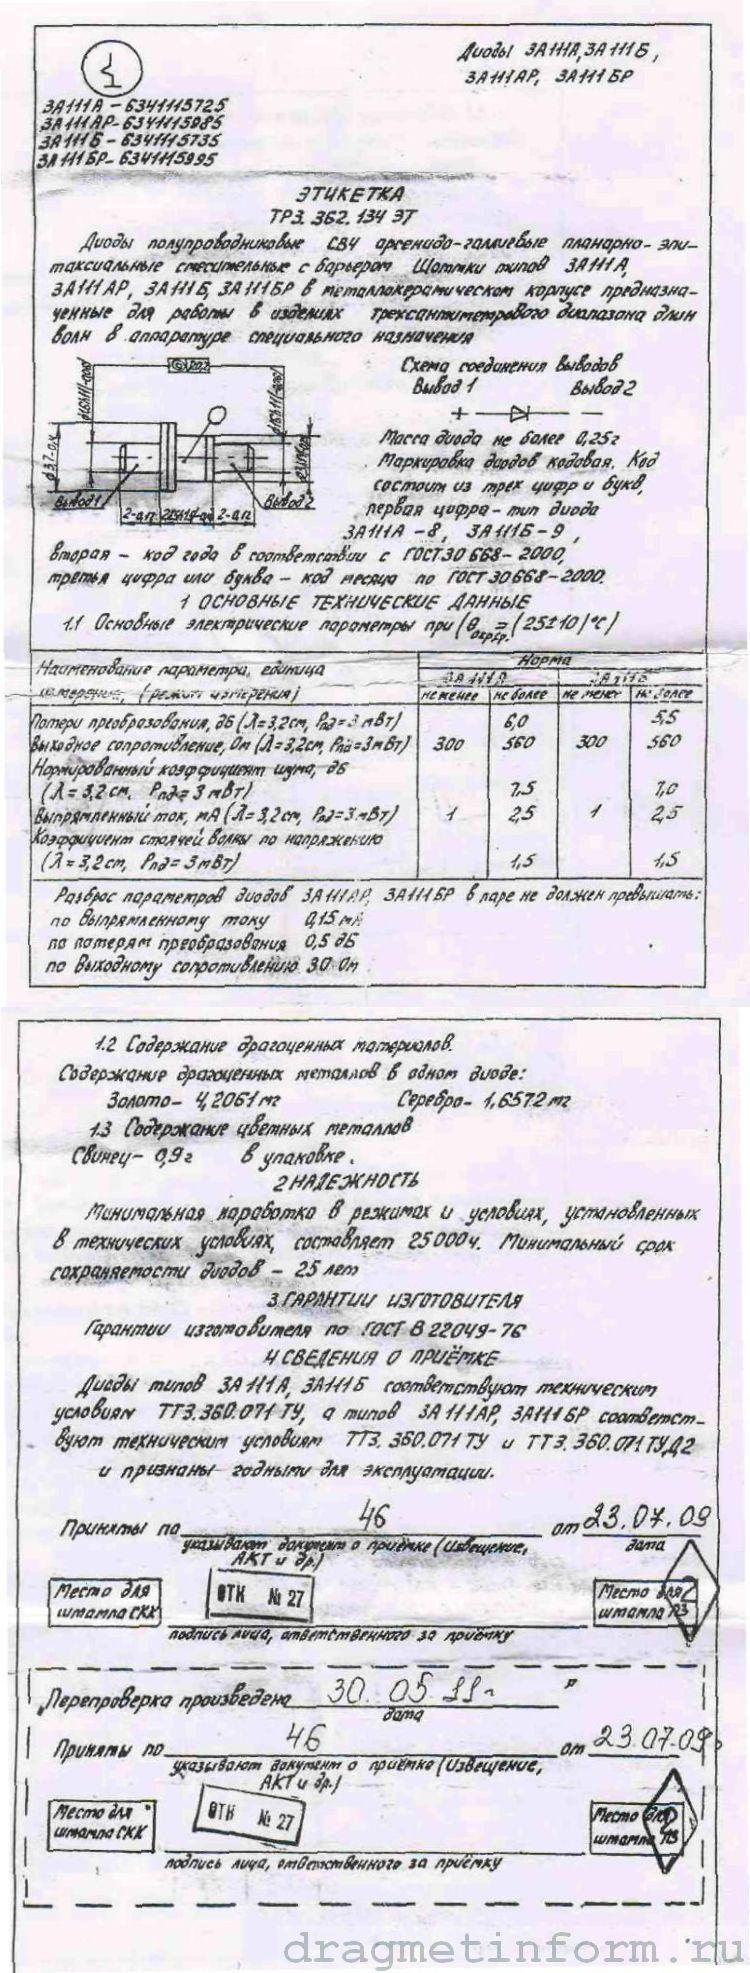 Формуляр 3А111БР